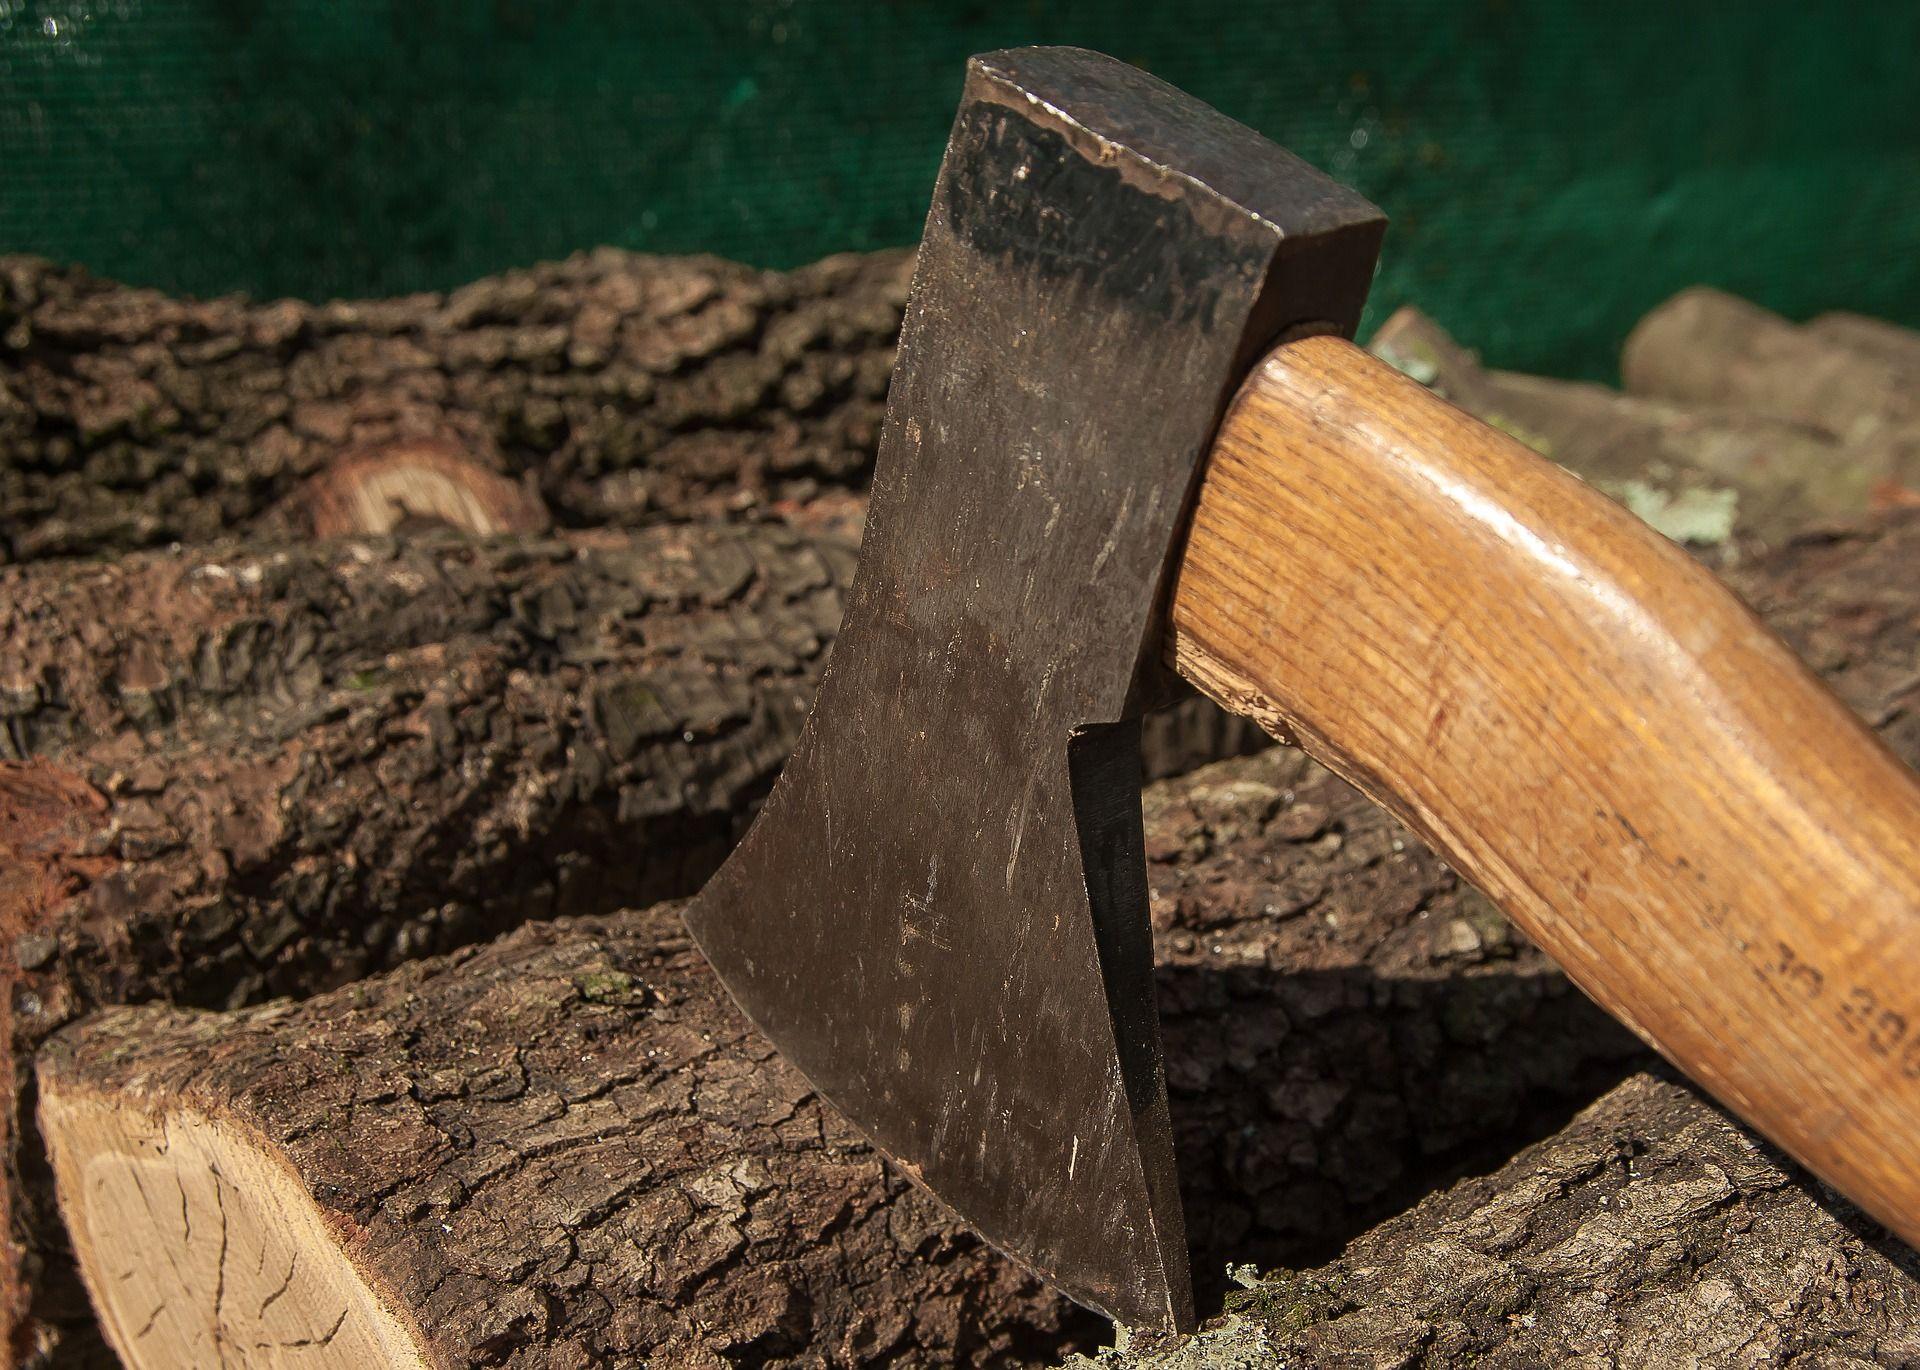 Quand Acheter Son Bois De Chauffage tout ce qu'il faut savoir sur le bois de chauffage